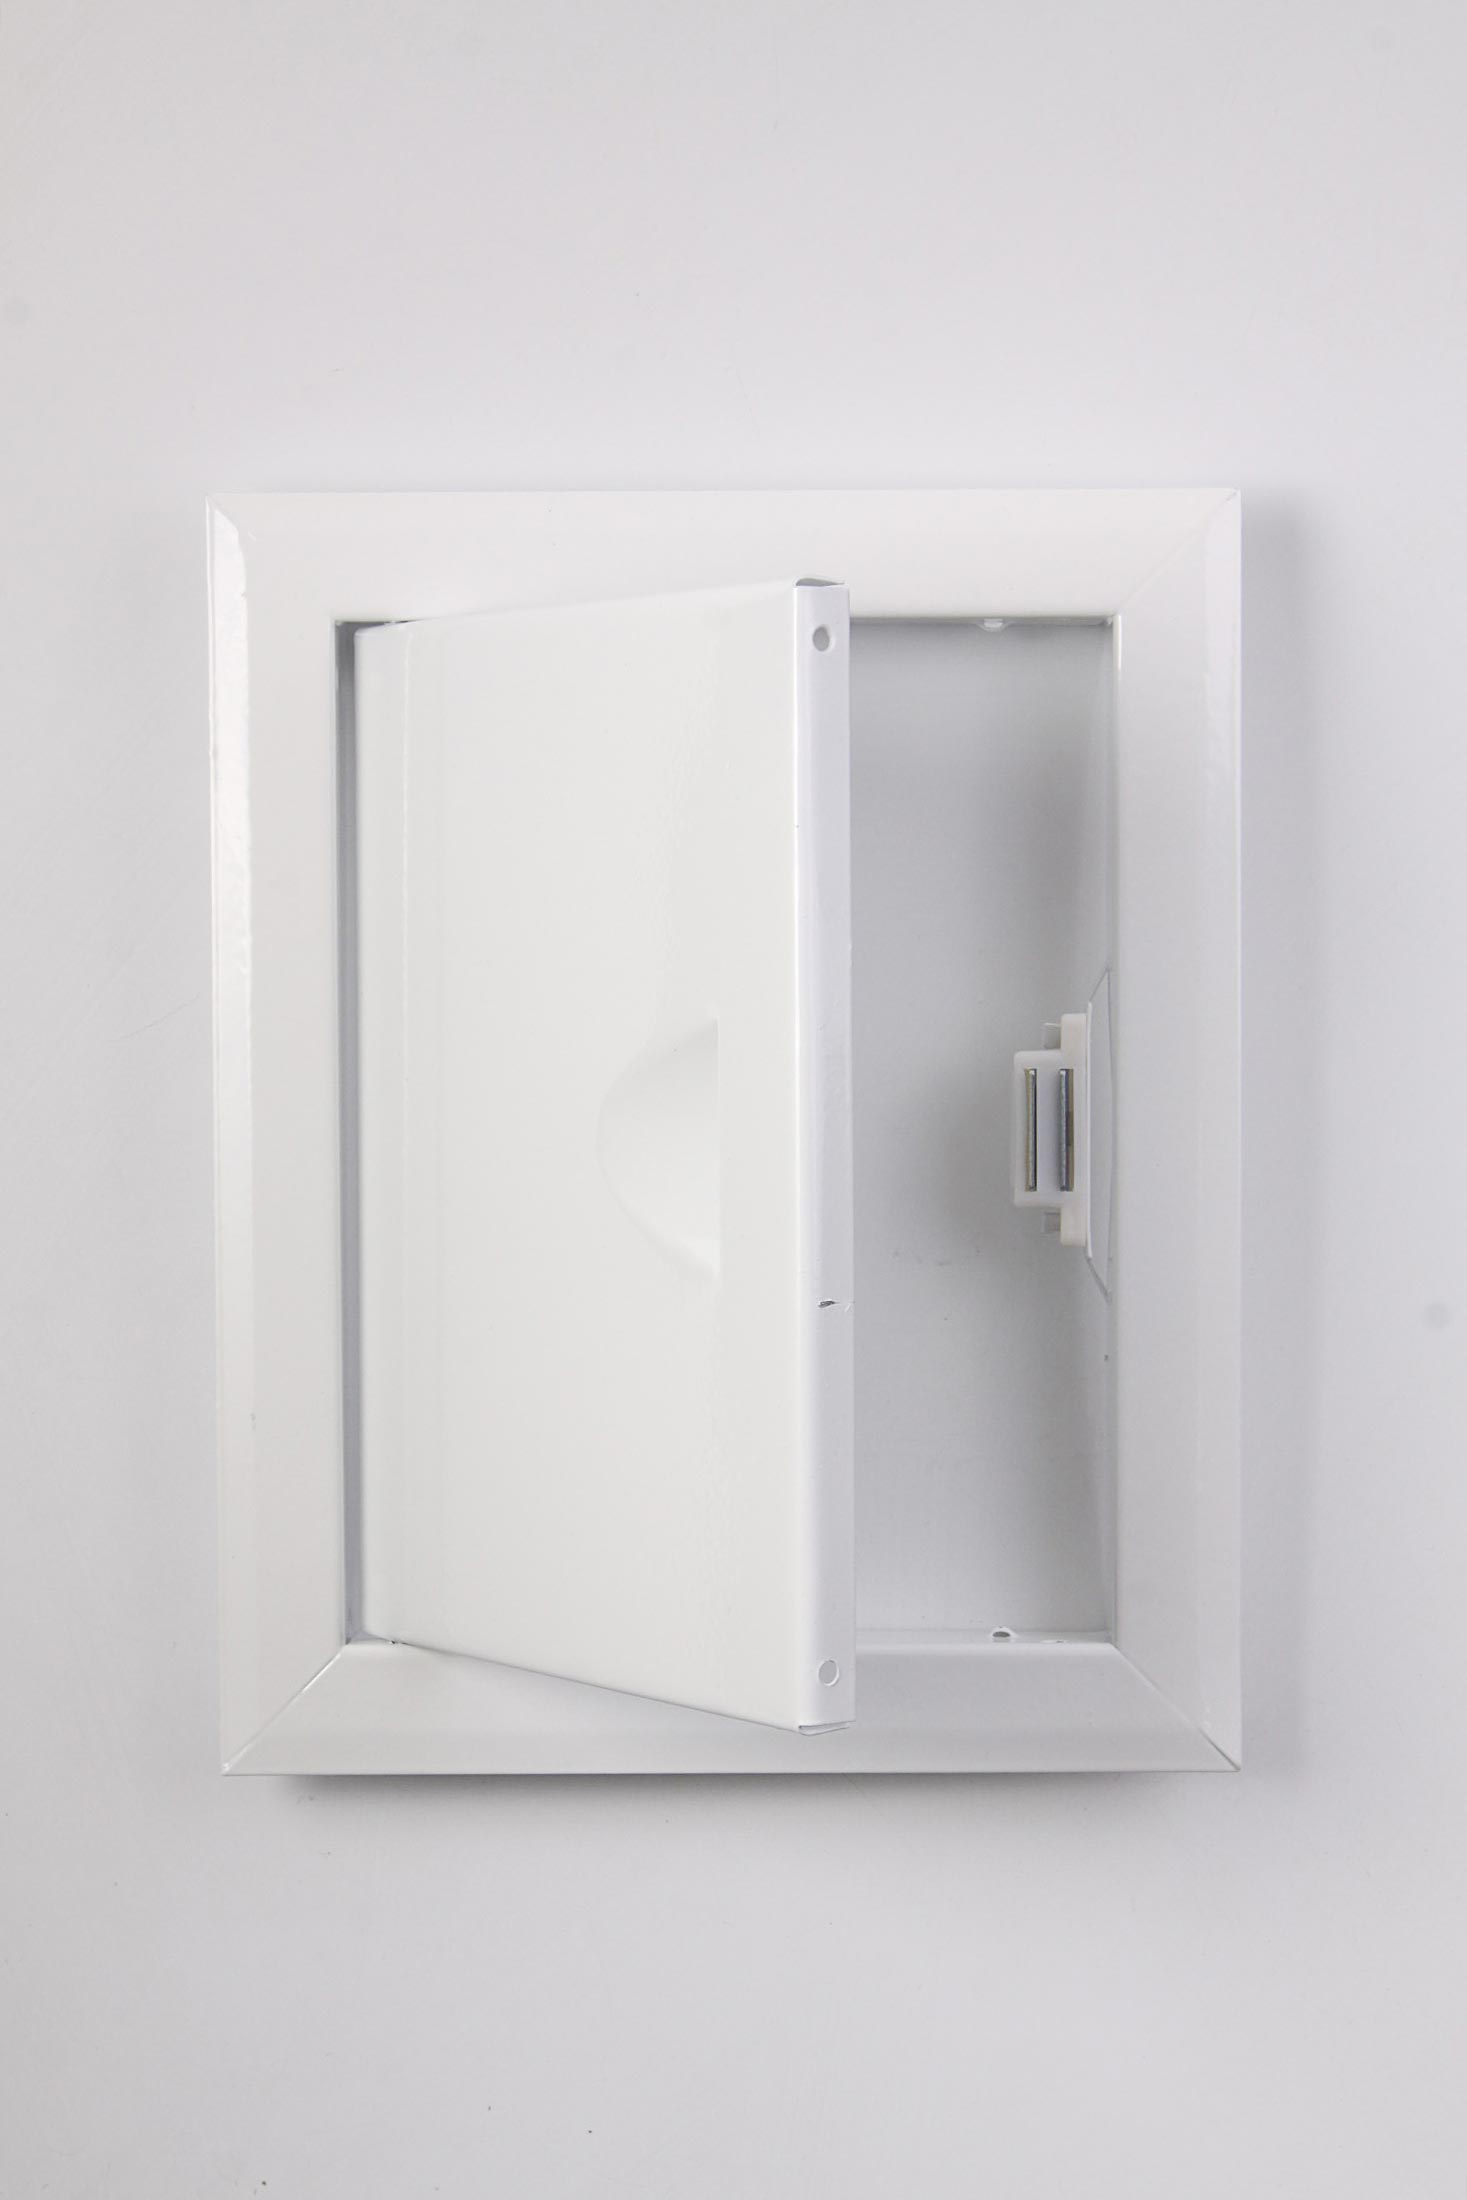 пластиковый сантехнический люк дверца фото таганай, весь